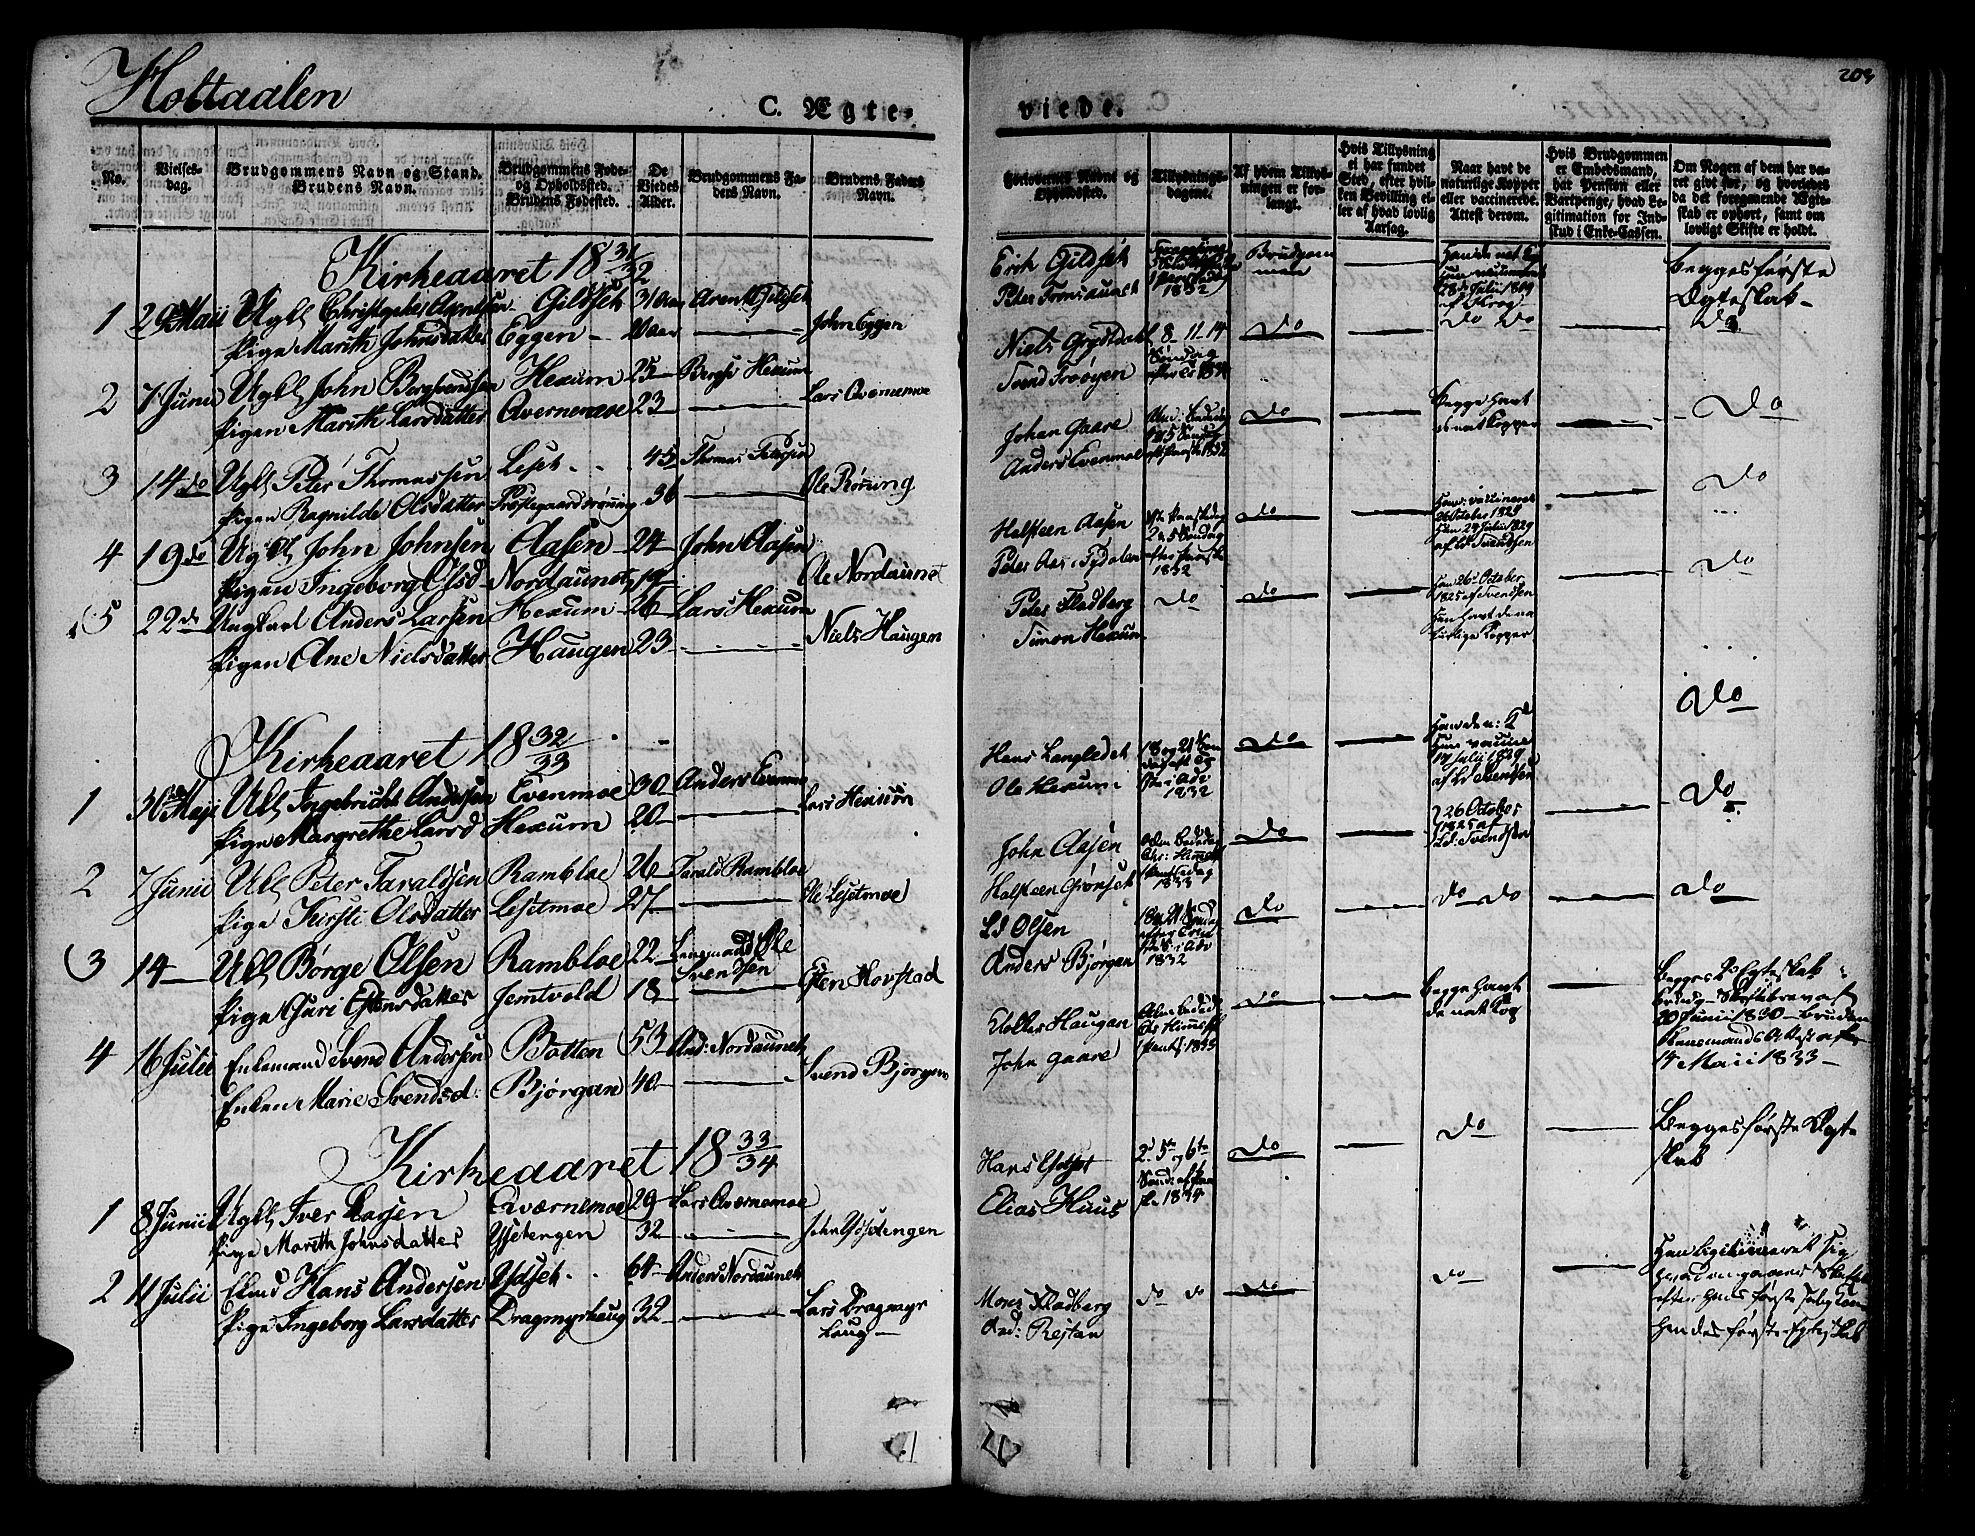 SAT, Ministerialprotokoller, klokkerbøker og fødselsregistre - Sør-Trøndelag, 685/L0957: Ministerialbok nr. 685A04 /1, 1829-1845, s. 203